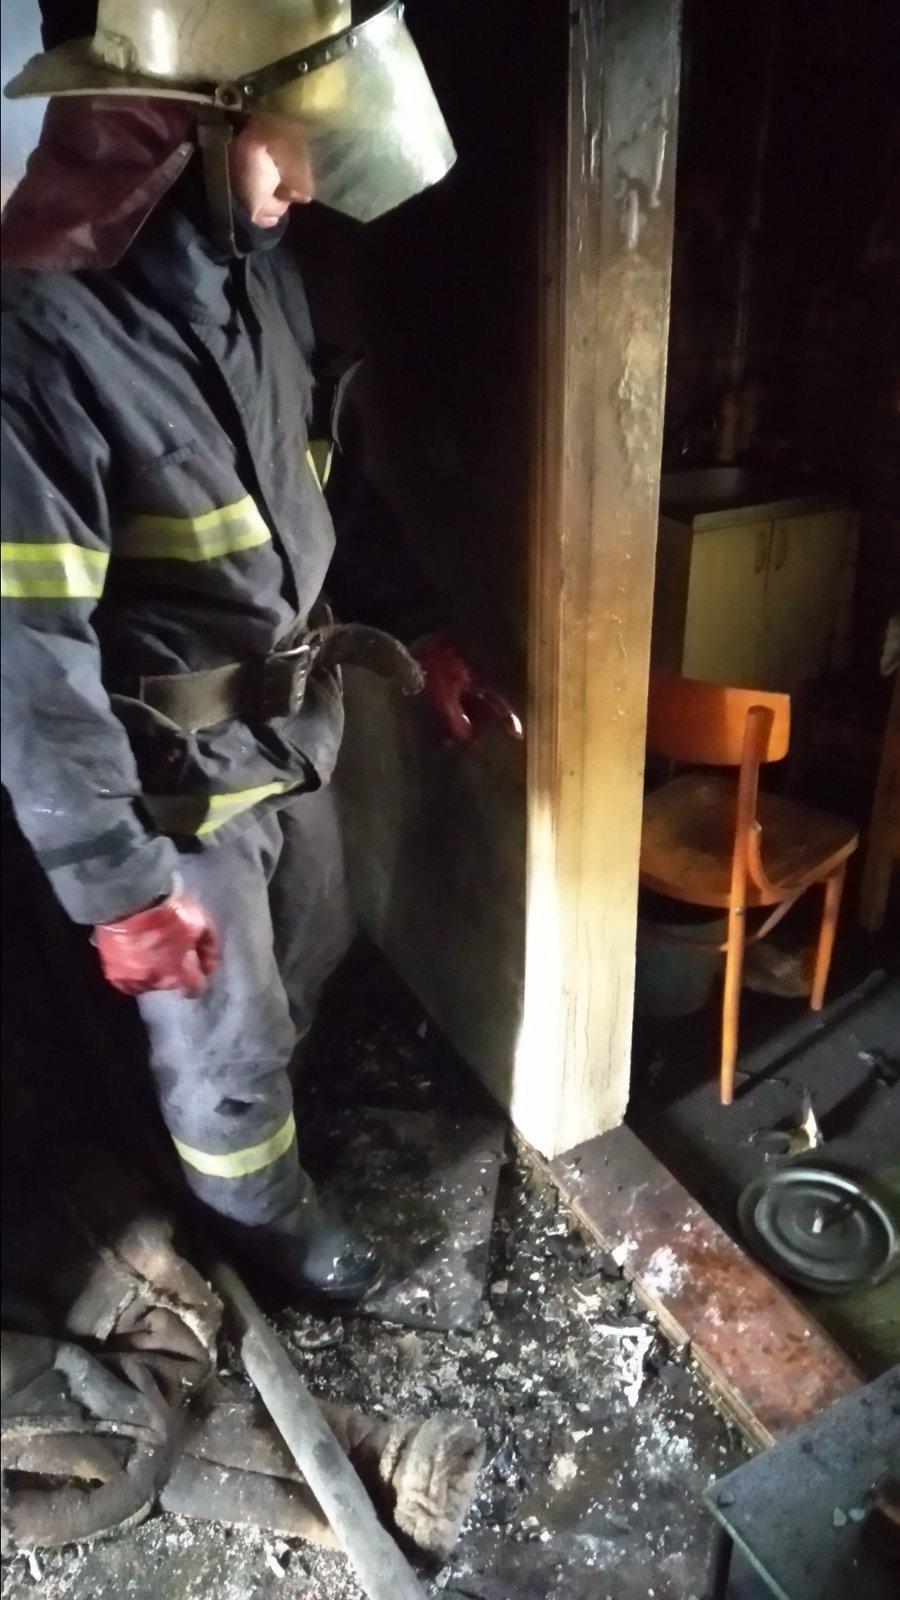 В Песочине во время пожара погиб 92-летний мужчина, - ФОТО, фото-1